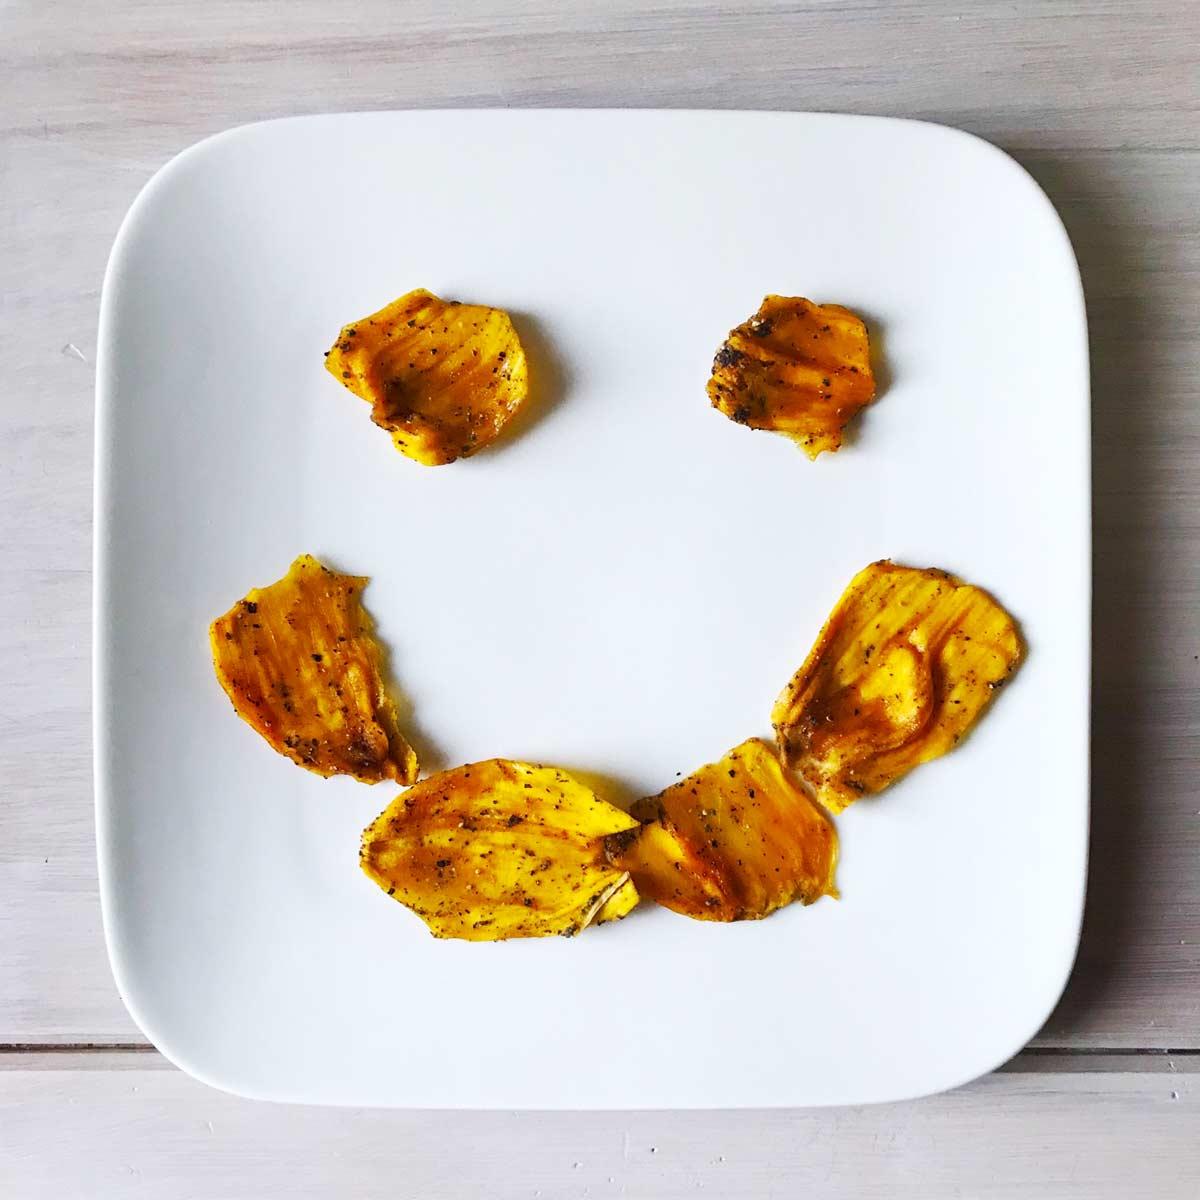 Jackfrucht bestellen, Jackfrucht kaufen, Jackfrucht, Jackfruit, Bio-Jackfruit, Bio-Jackfrucht, Who's Jack, Fleischersatz, Alternative zu Fleisch, Who's Jack, Jackfruit_Dinner